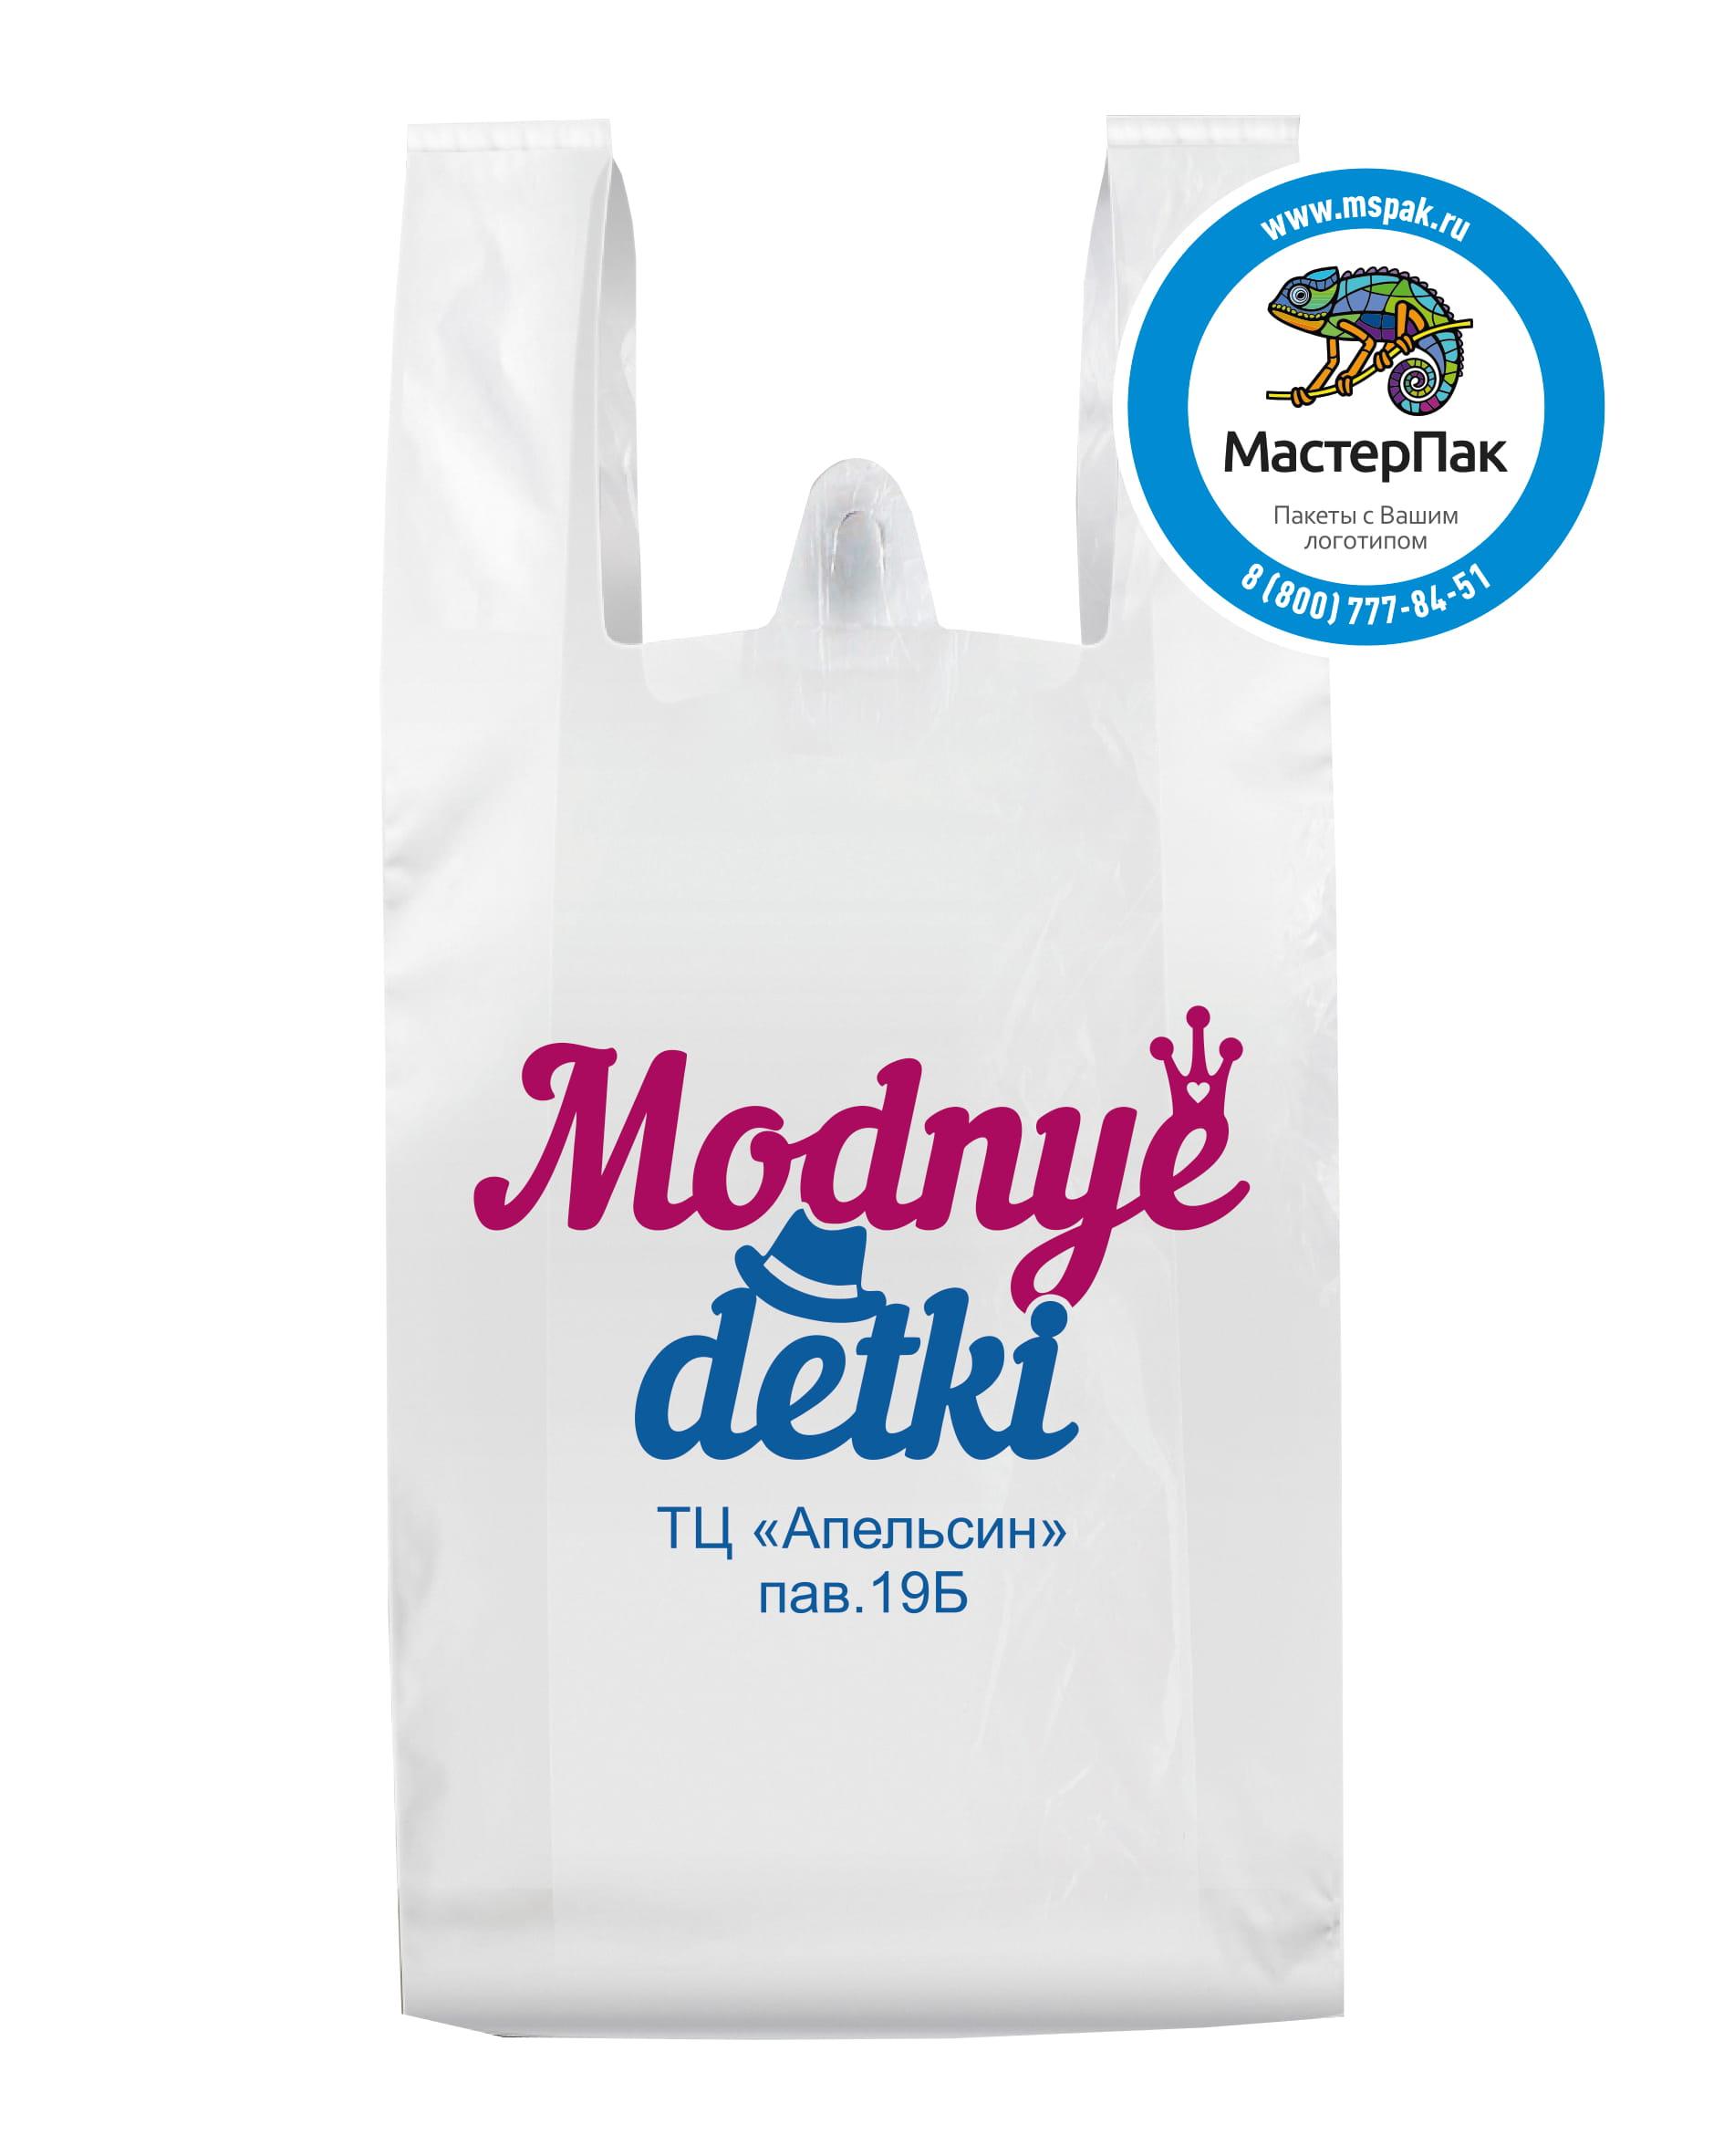 Пакет-майка ПНД с логотипом Modnye Detki, г. Великие Луки